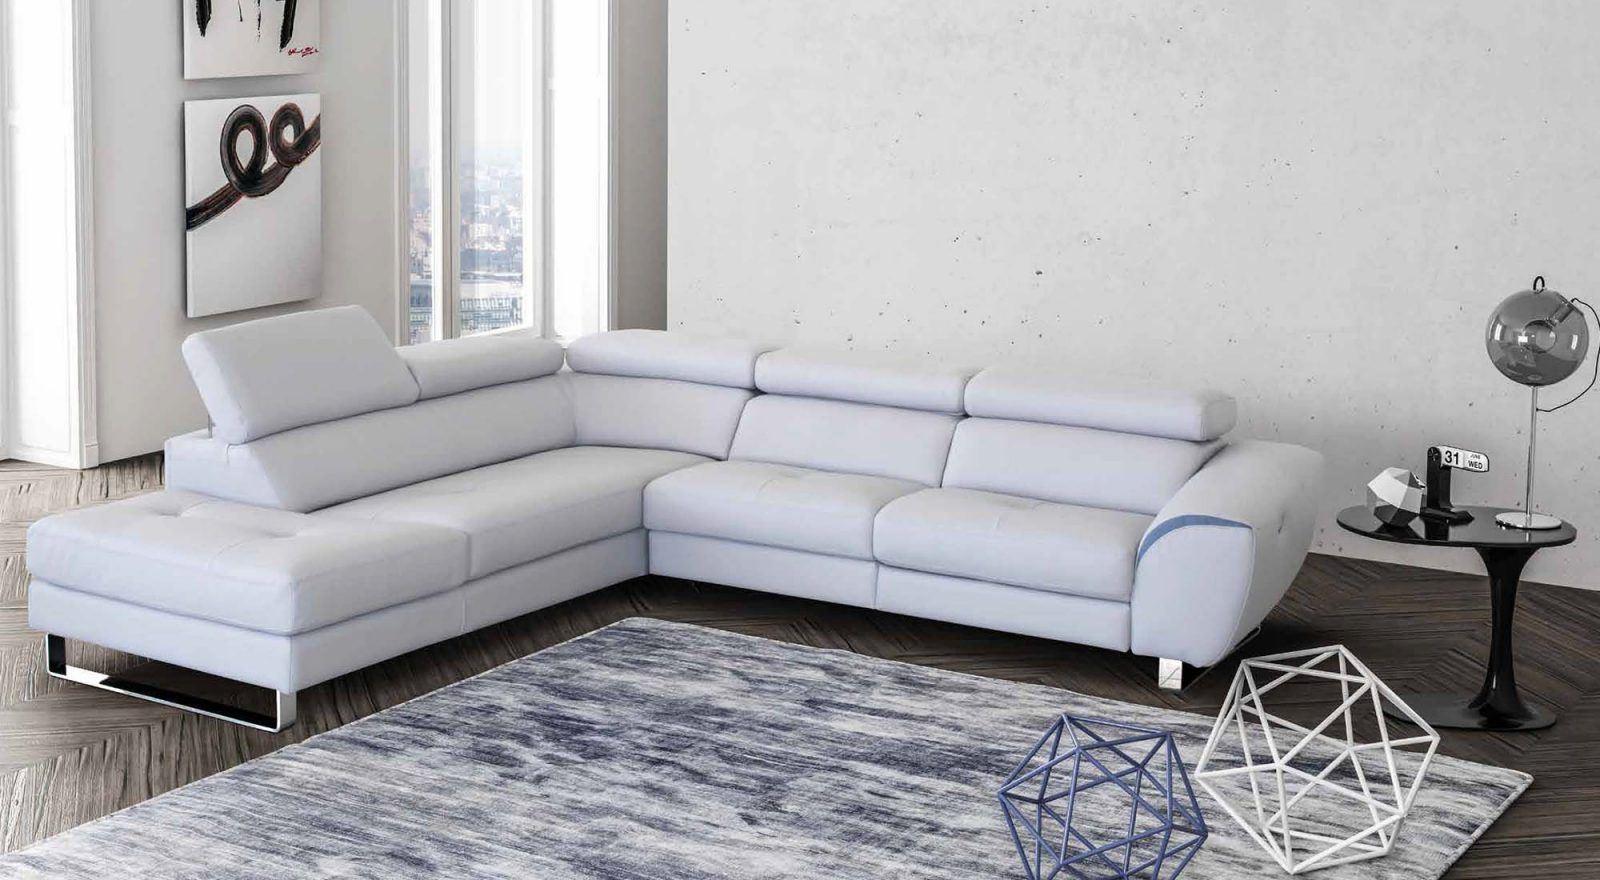 I migliori divani in pelle da arredamenti meneghello - Divani letto migliori ...